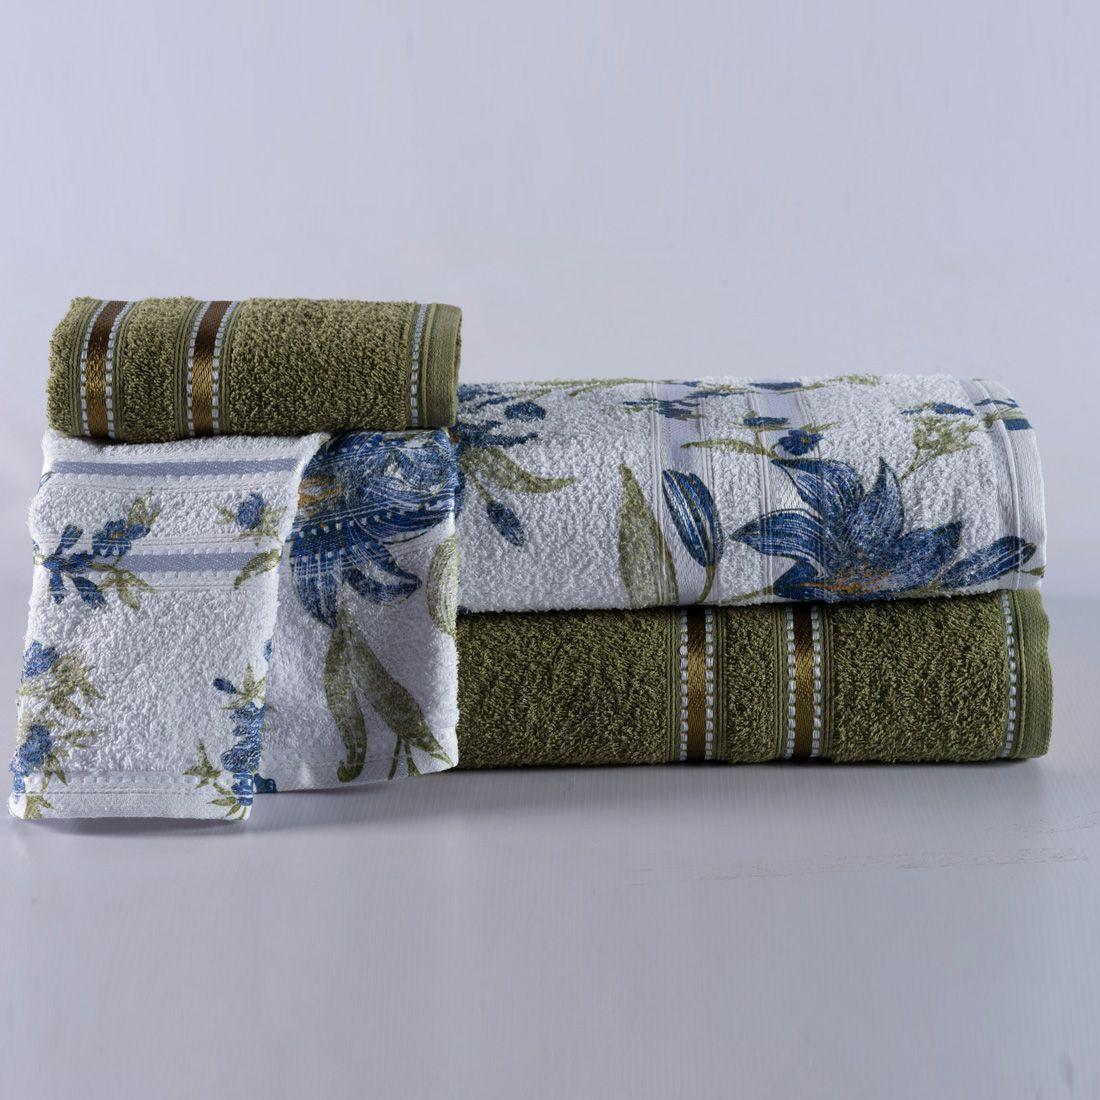 Jogo de Banho Noblesse Verde/Floral Azul Felpa 100% Algodão 340 g/m² - 02 Peças